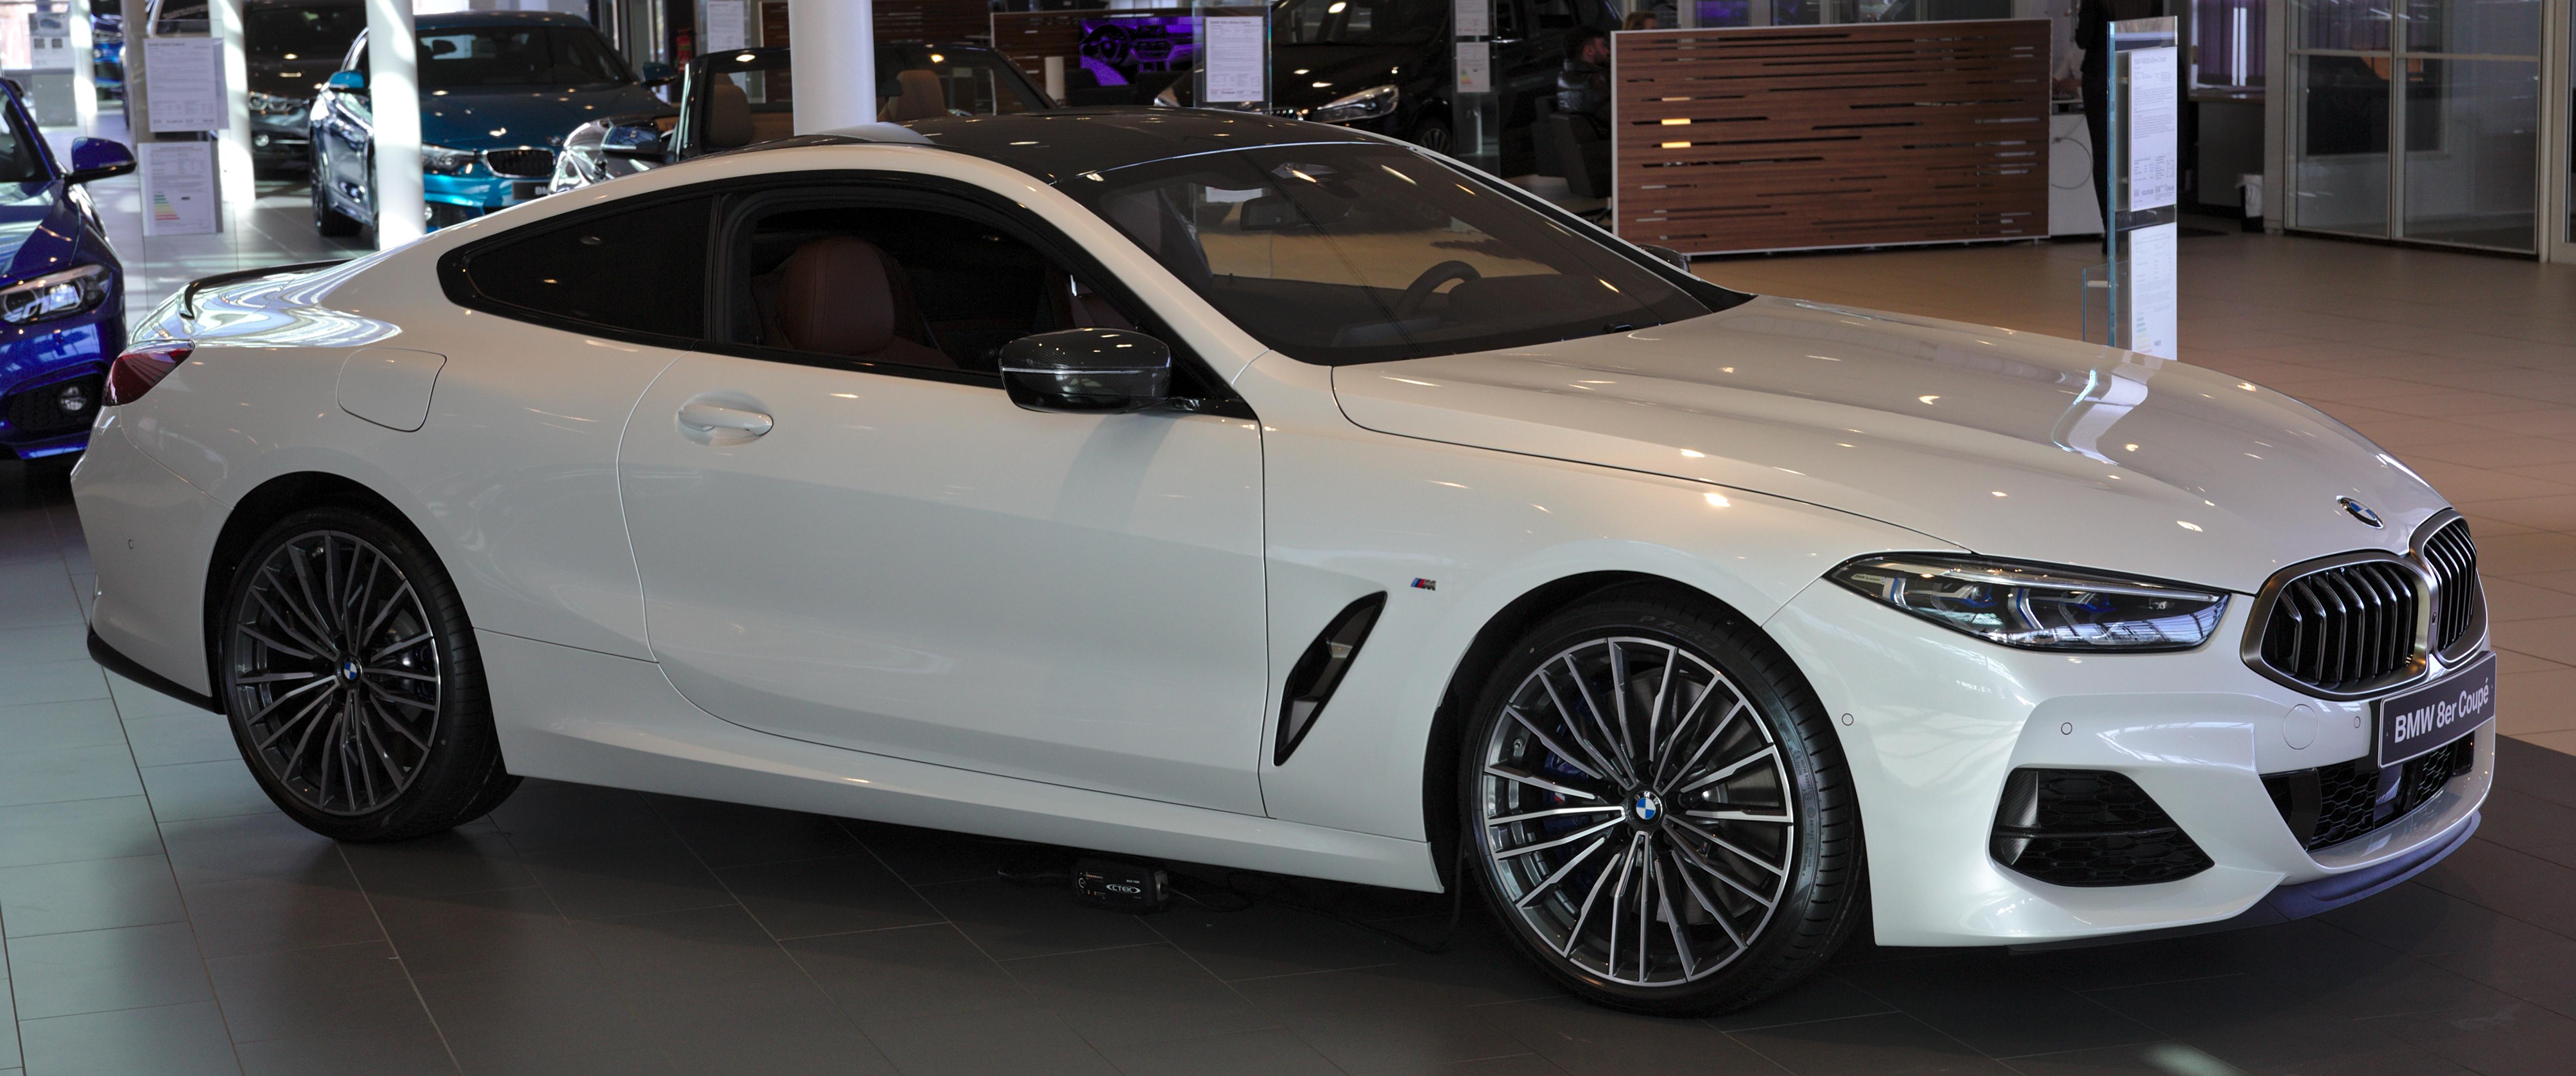 BMW M8 Price >> Bmw 8 Series Wikipedia